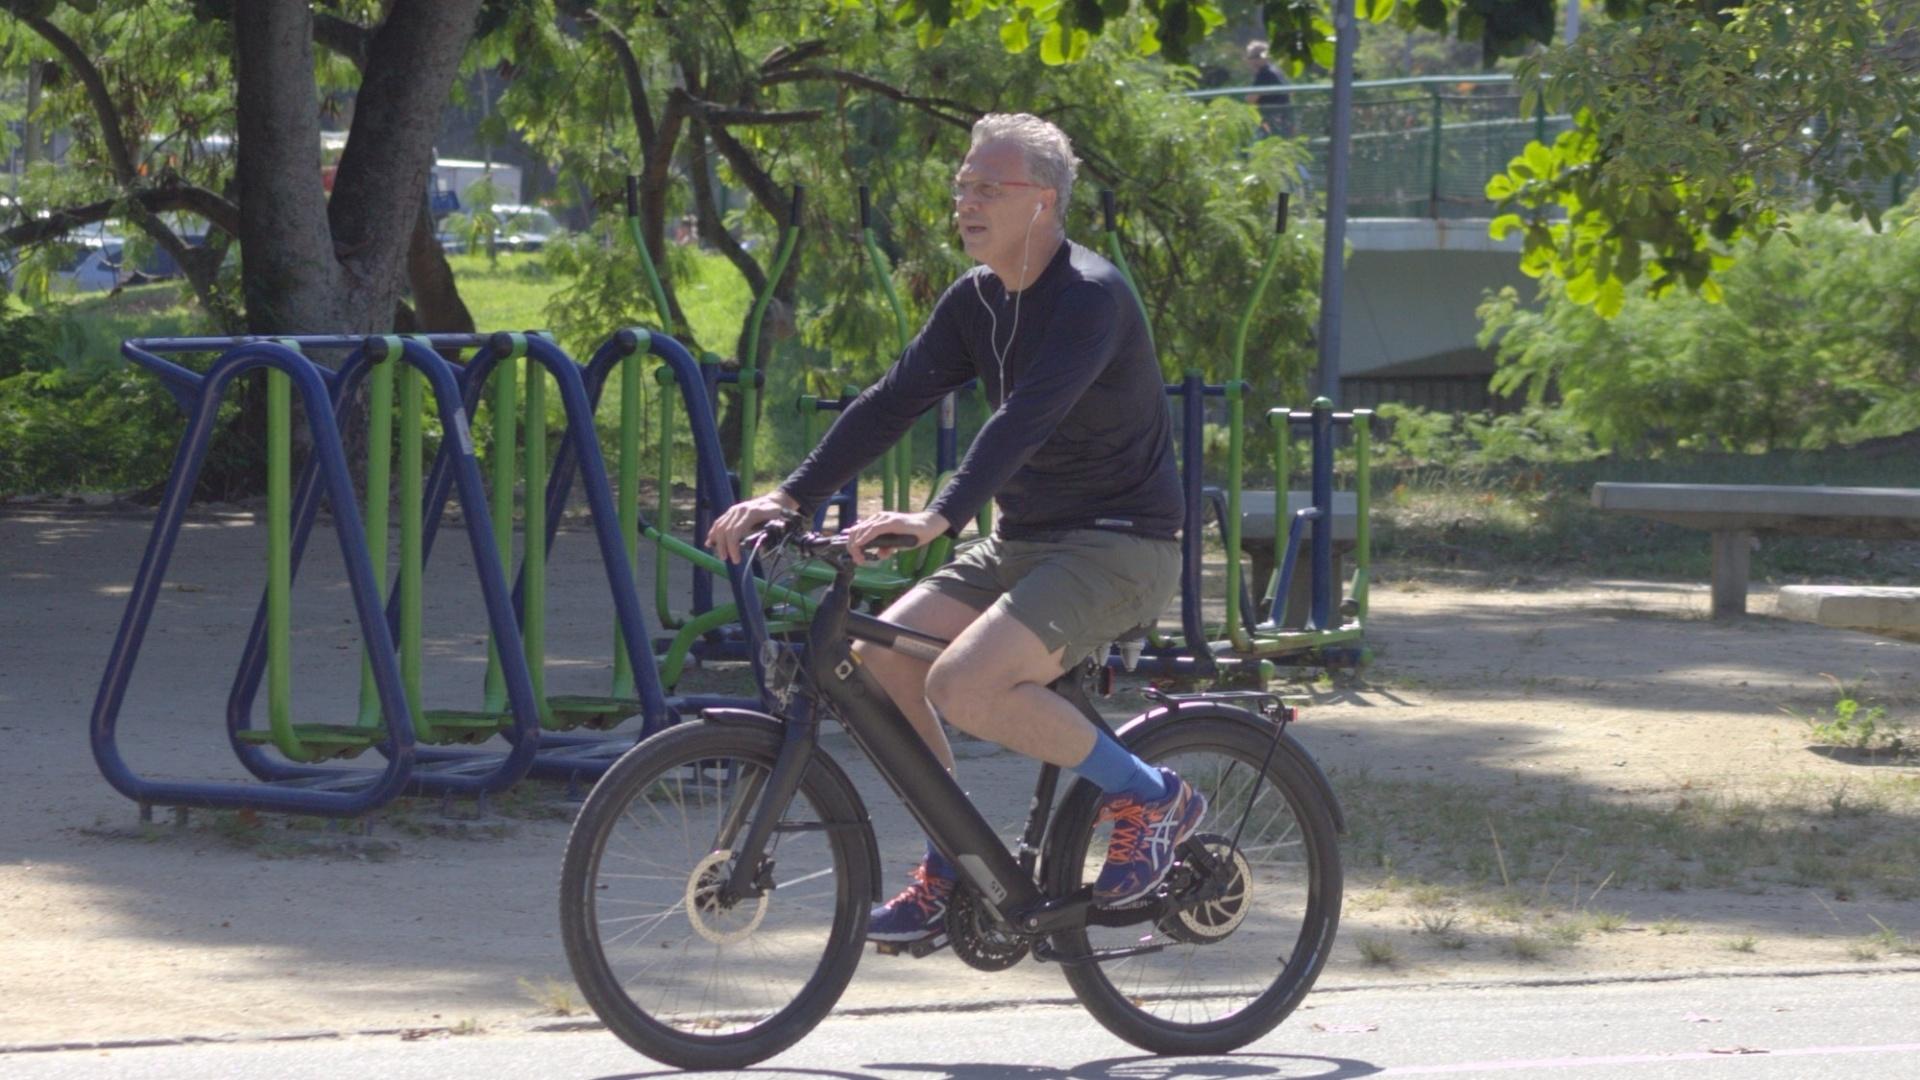 24.dez.2015- Pedro Bial aproveitou a tarde ensolarada desta quinta-feira (24) para pedalar na Lagoa Rodrigo de Freitas. O apresentador está curtindo os últimos dias de folga, já que começa a trabalhar no início de janeiro no